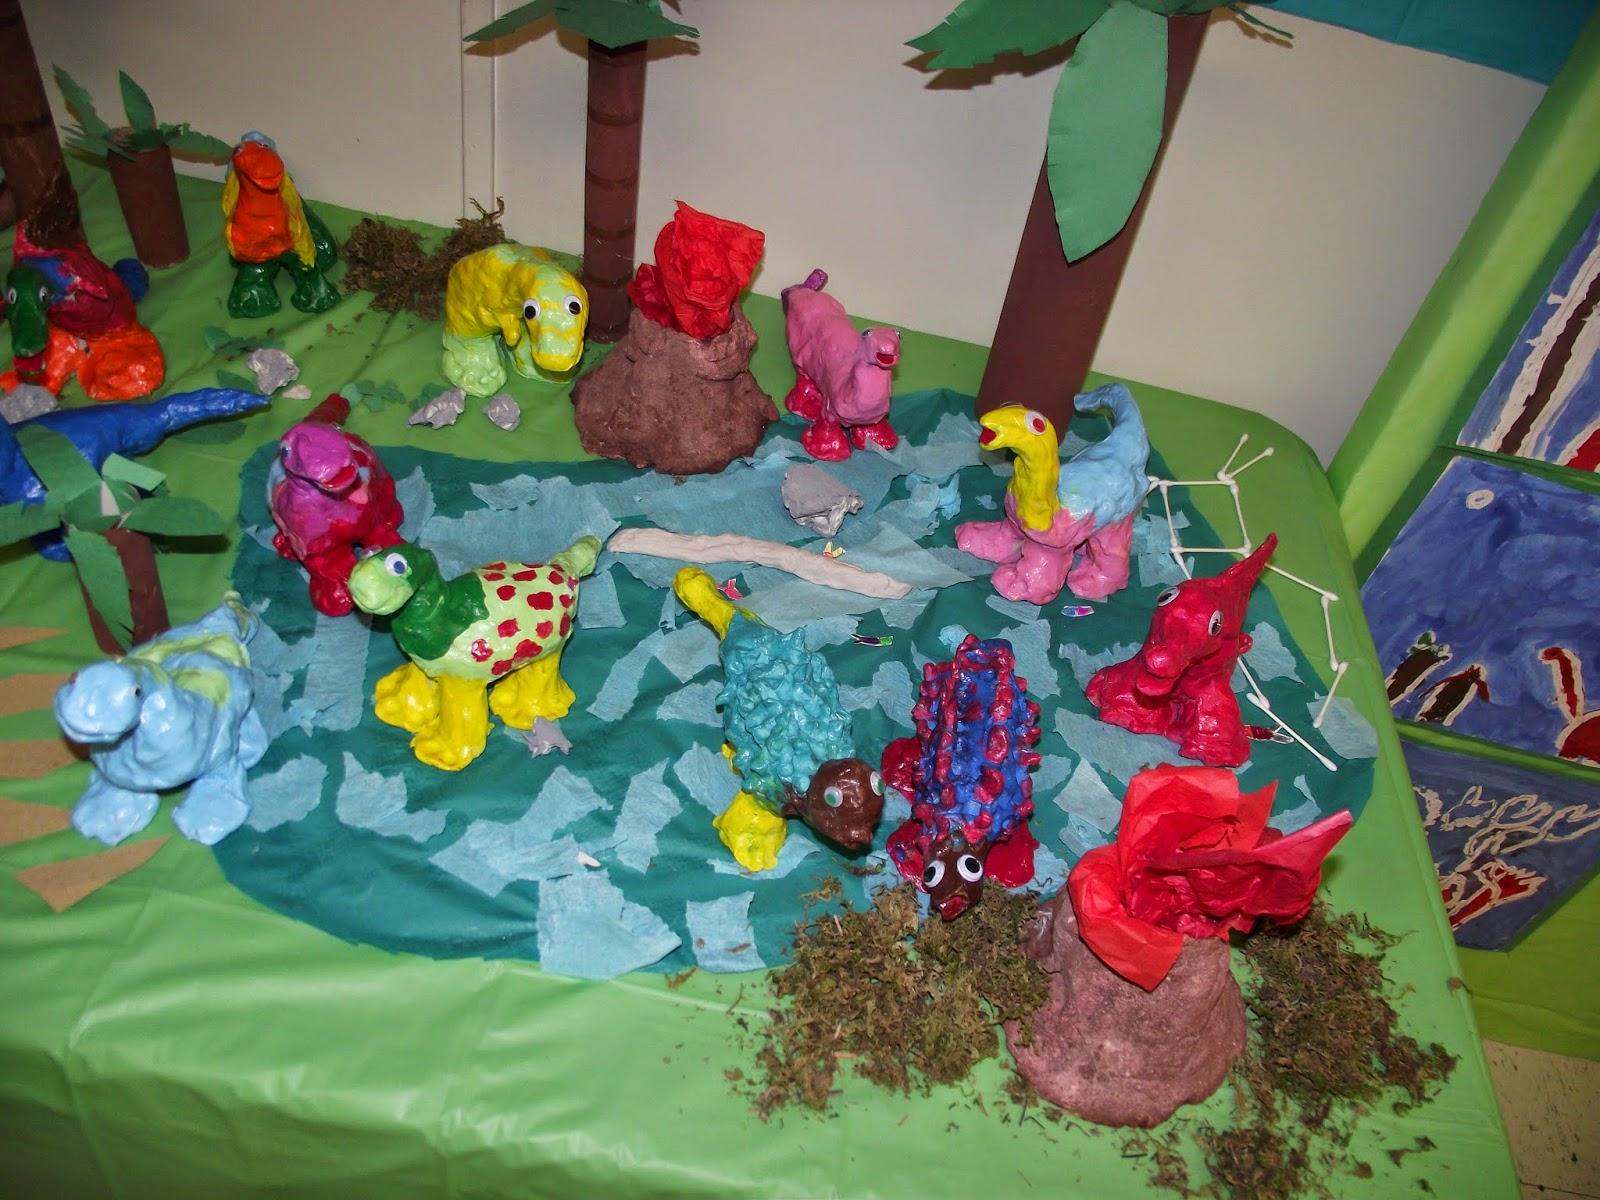 La maternelle de francesca notre maquette le r sultat for Le jardin voyageur maternelle